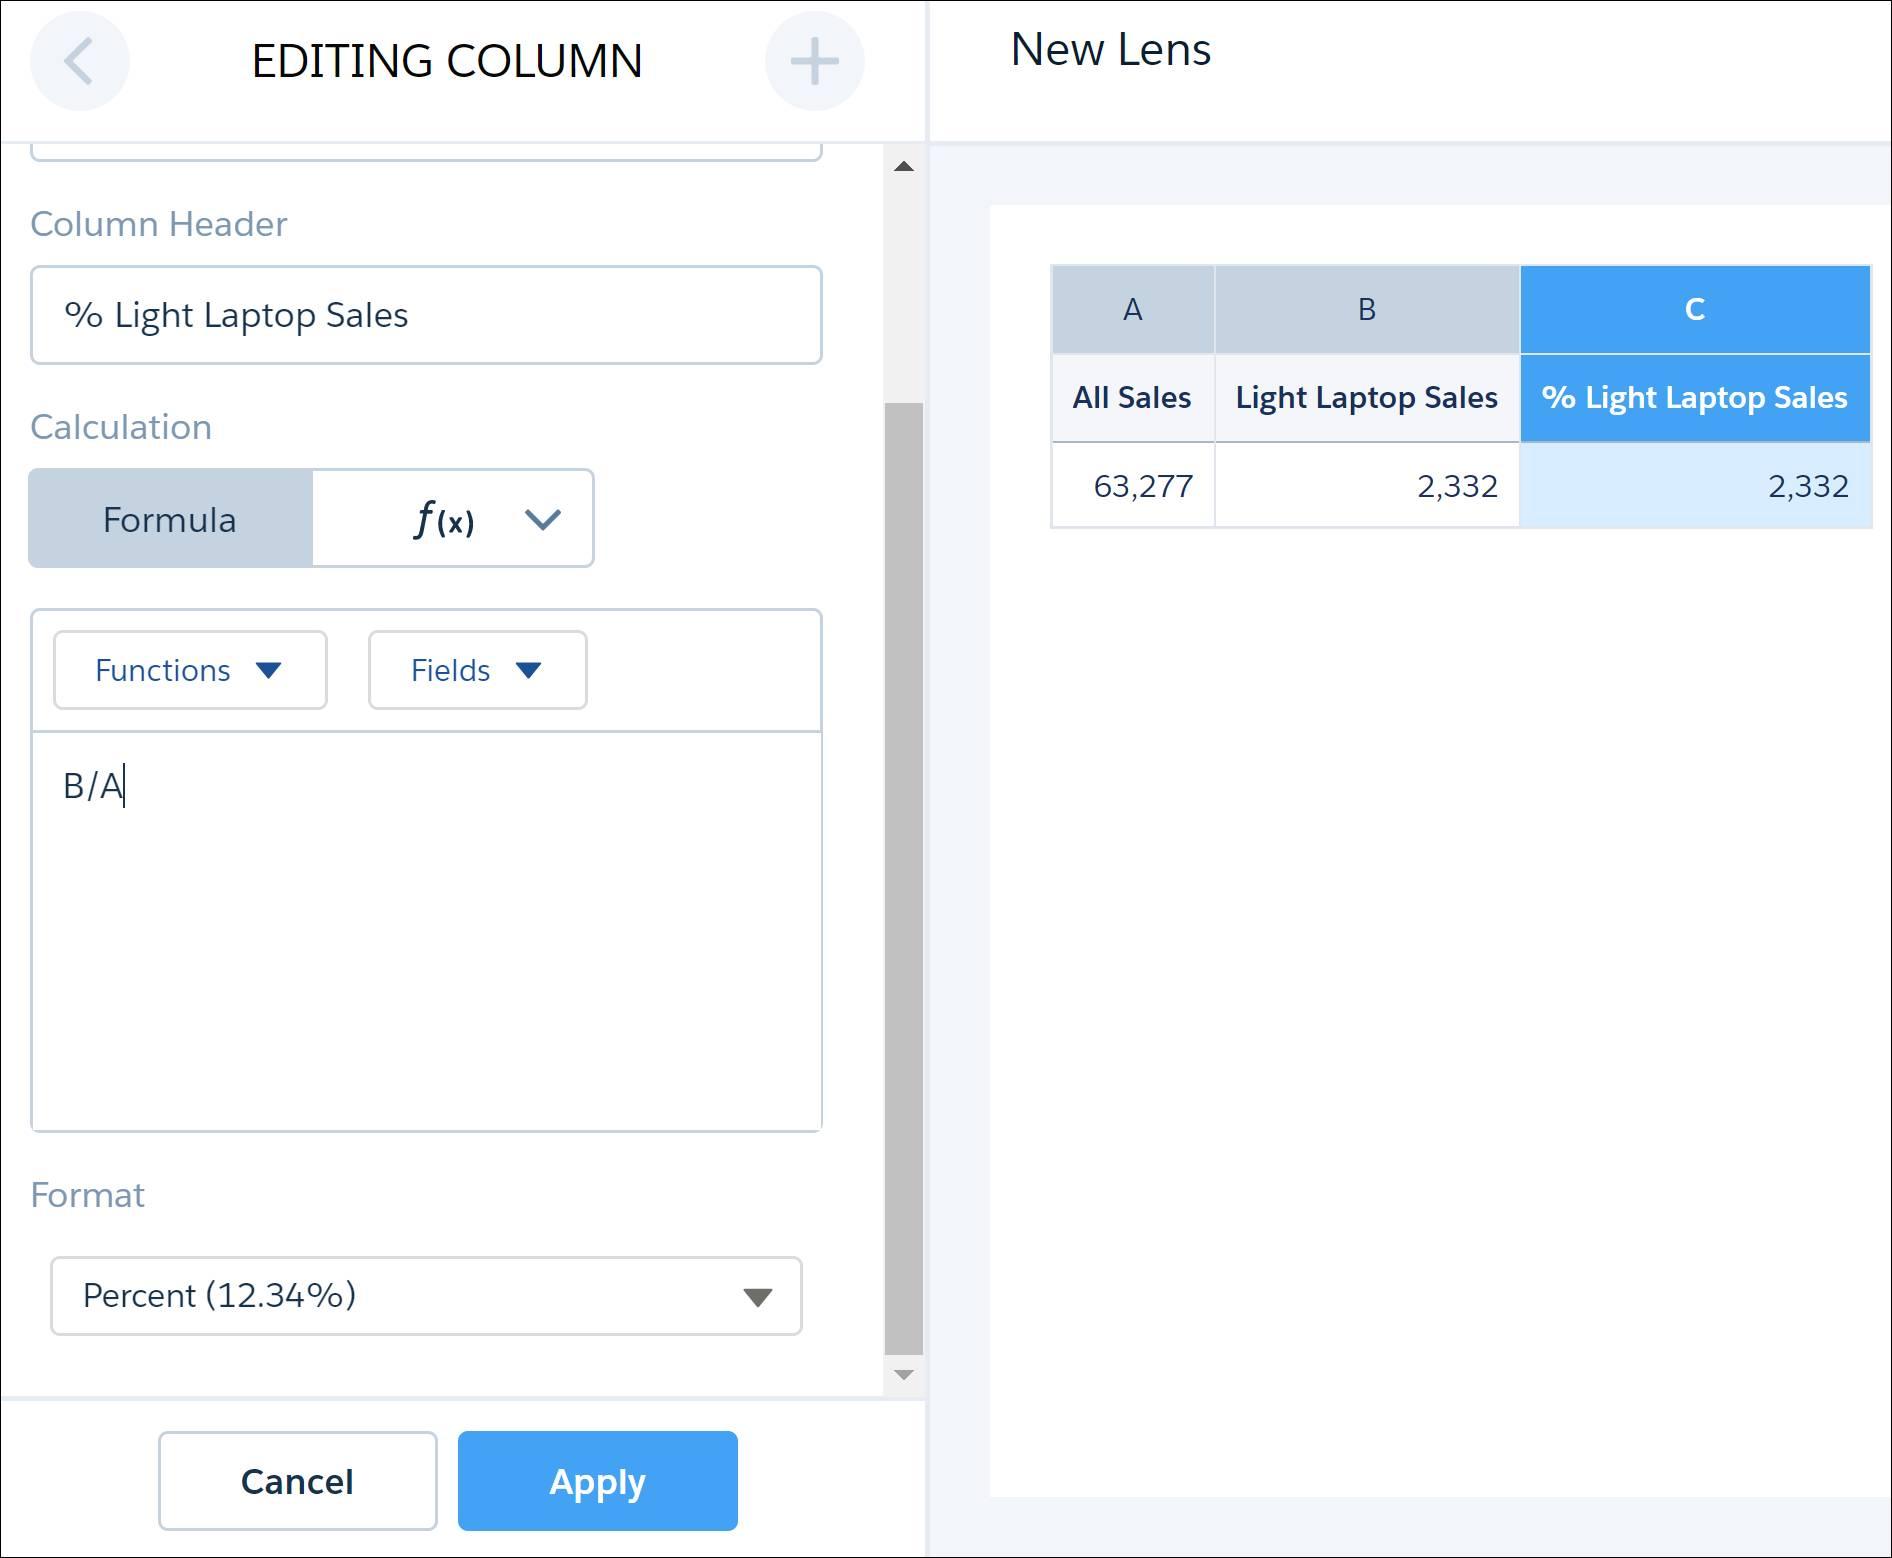 Editar o nome, a fórmula e o formato de dados da coluna para exibir a porcentagem de vendas